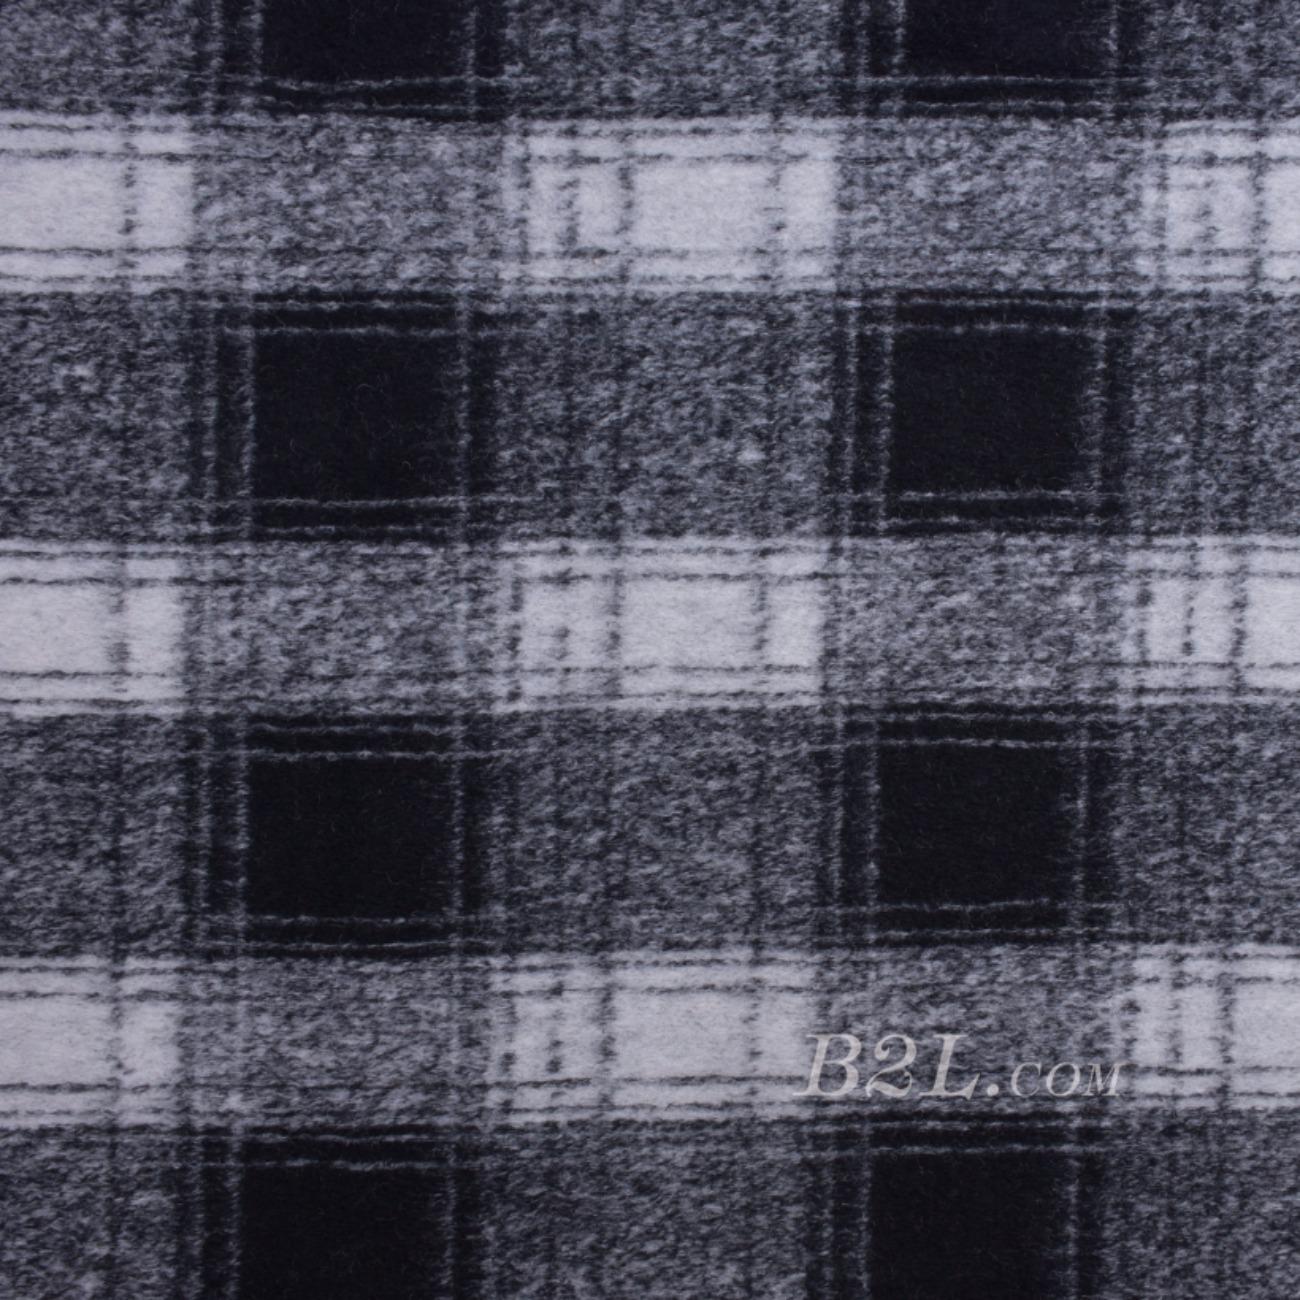 毛纺 格子 提花 色织 绒感 无弹 秋冬 大衣 外套 女装 80720-6